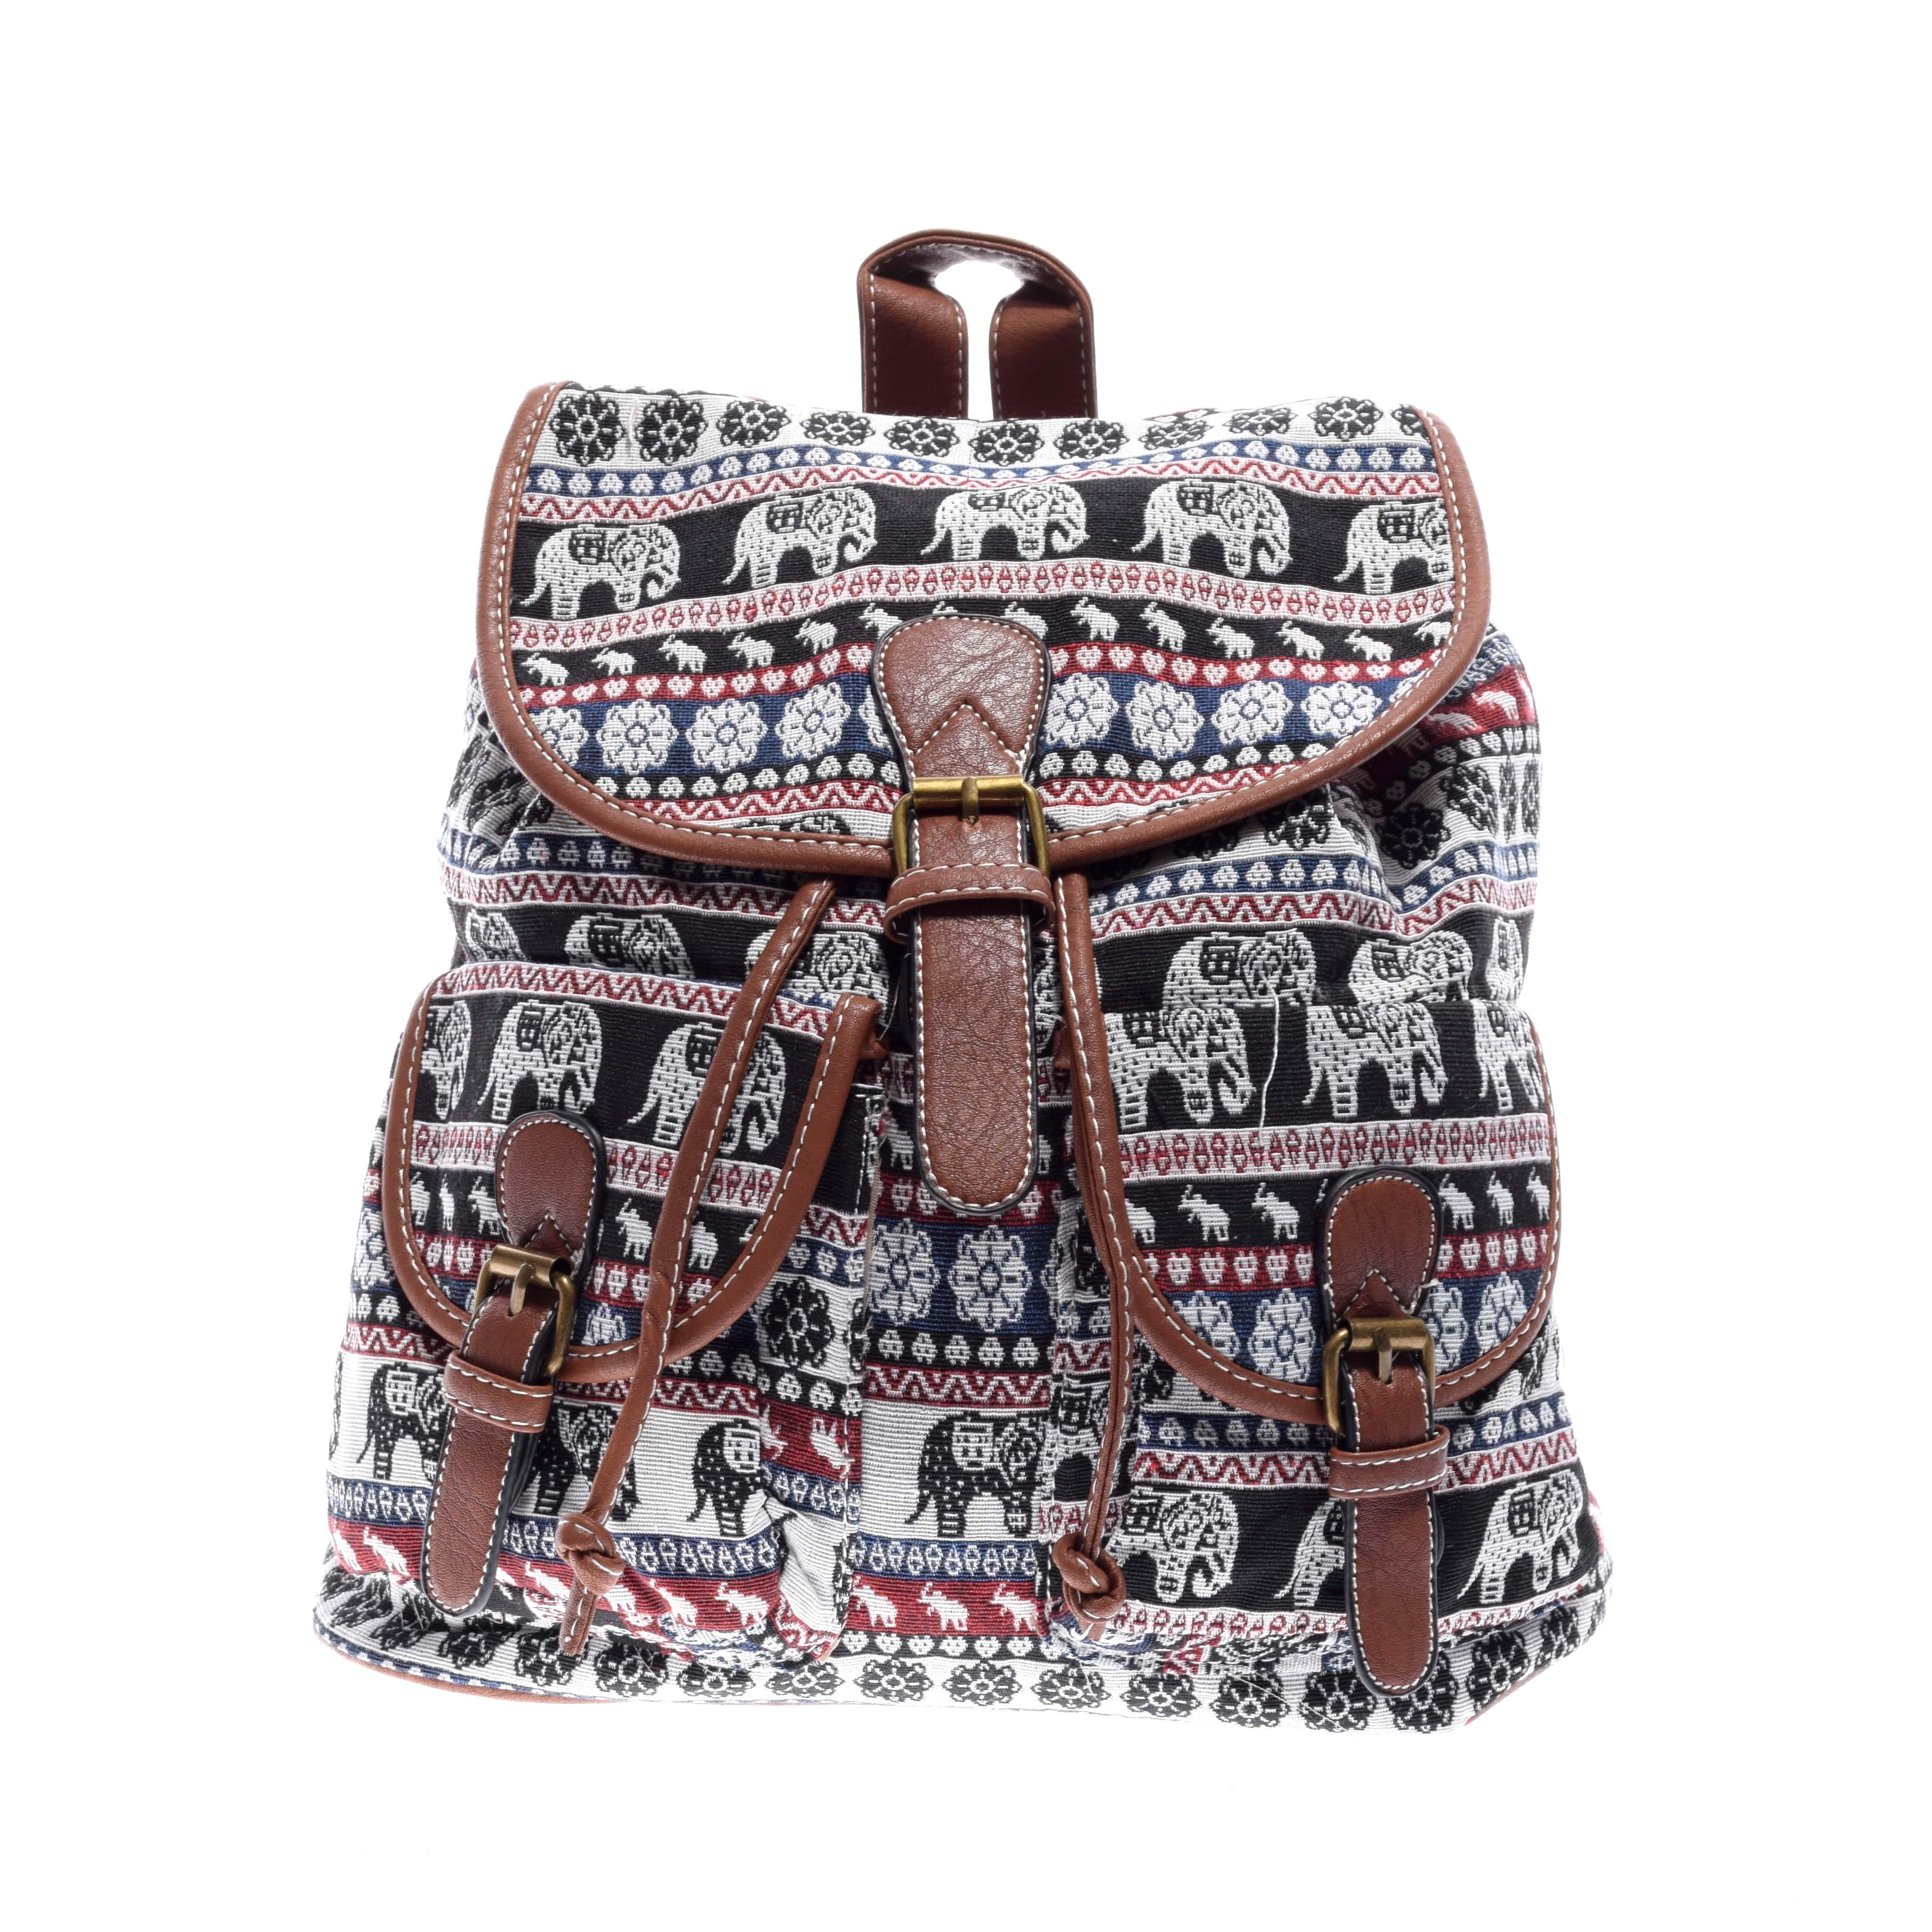 Mintás Női Vászon Hátizsák - Vászon - Táska webáruház - Minőségi táskák  mindenkinek b19c9db06f